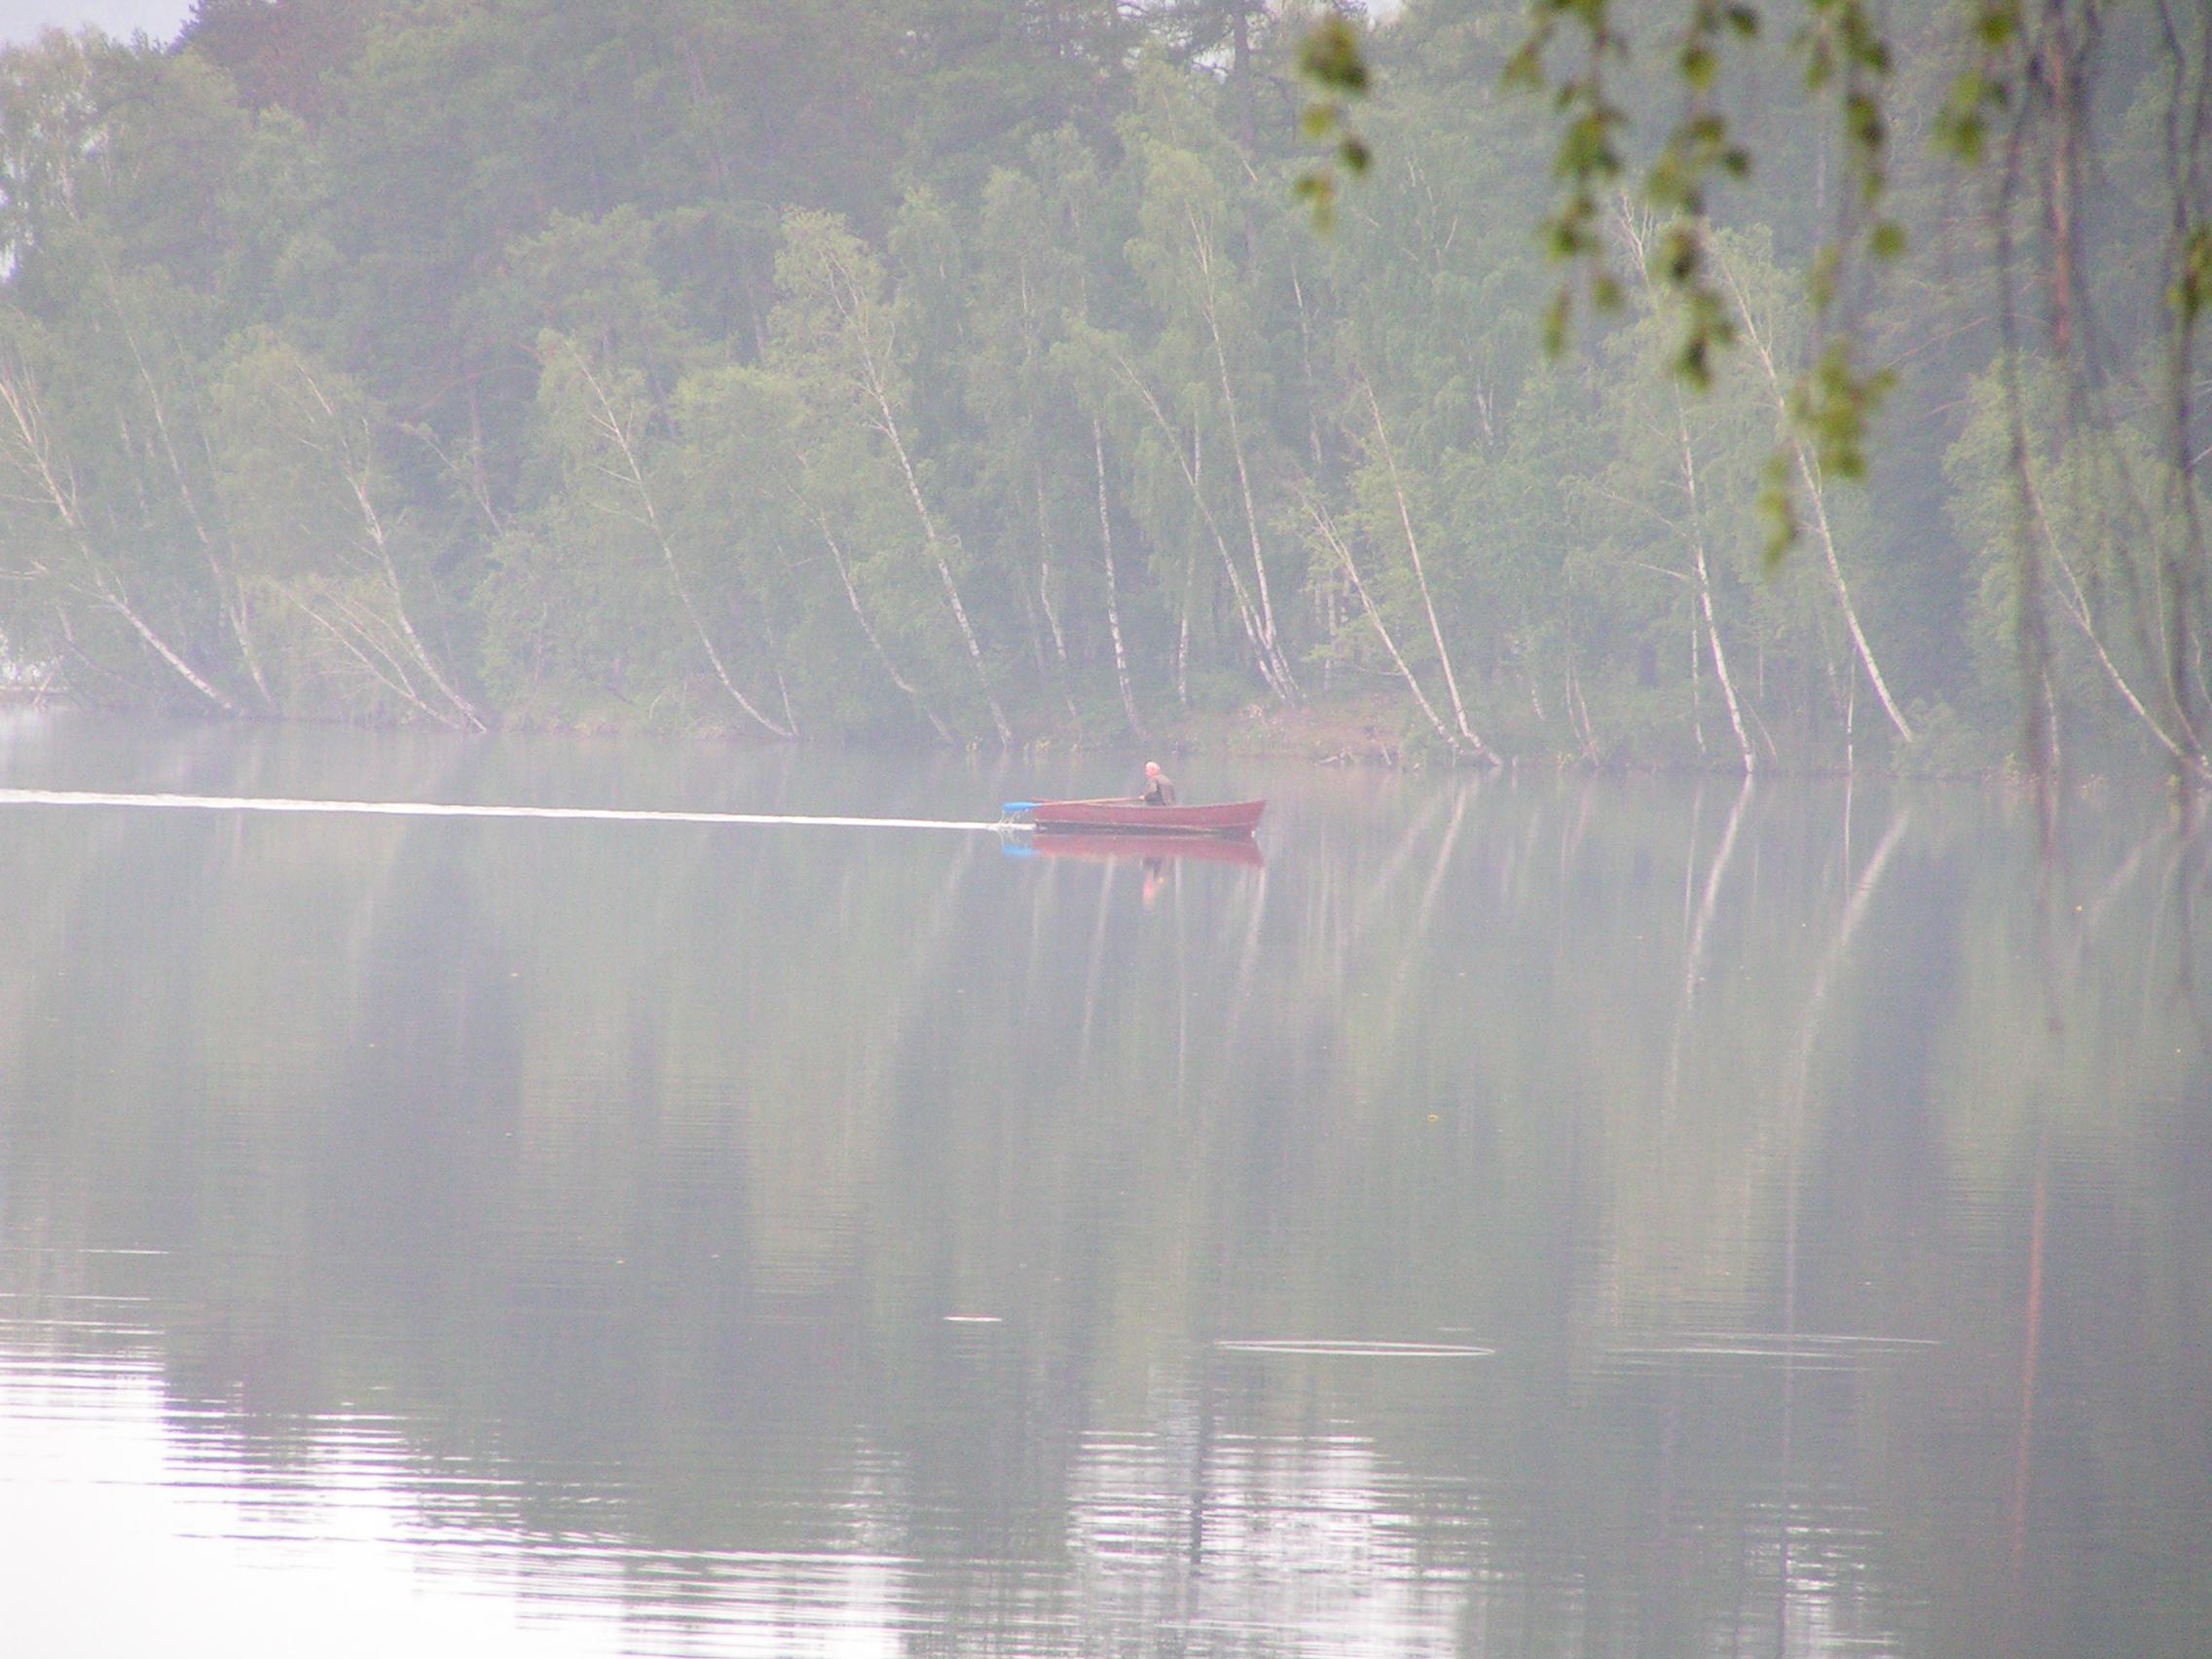 Лодка наТургояке